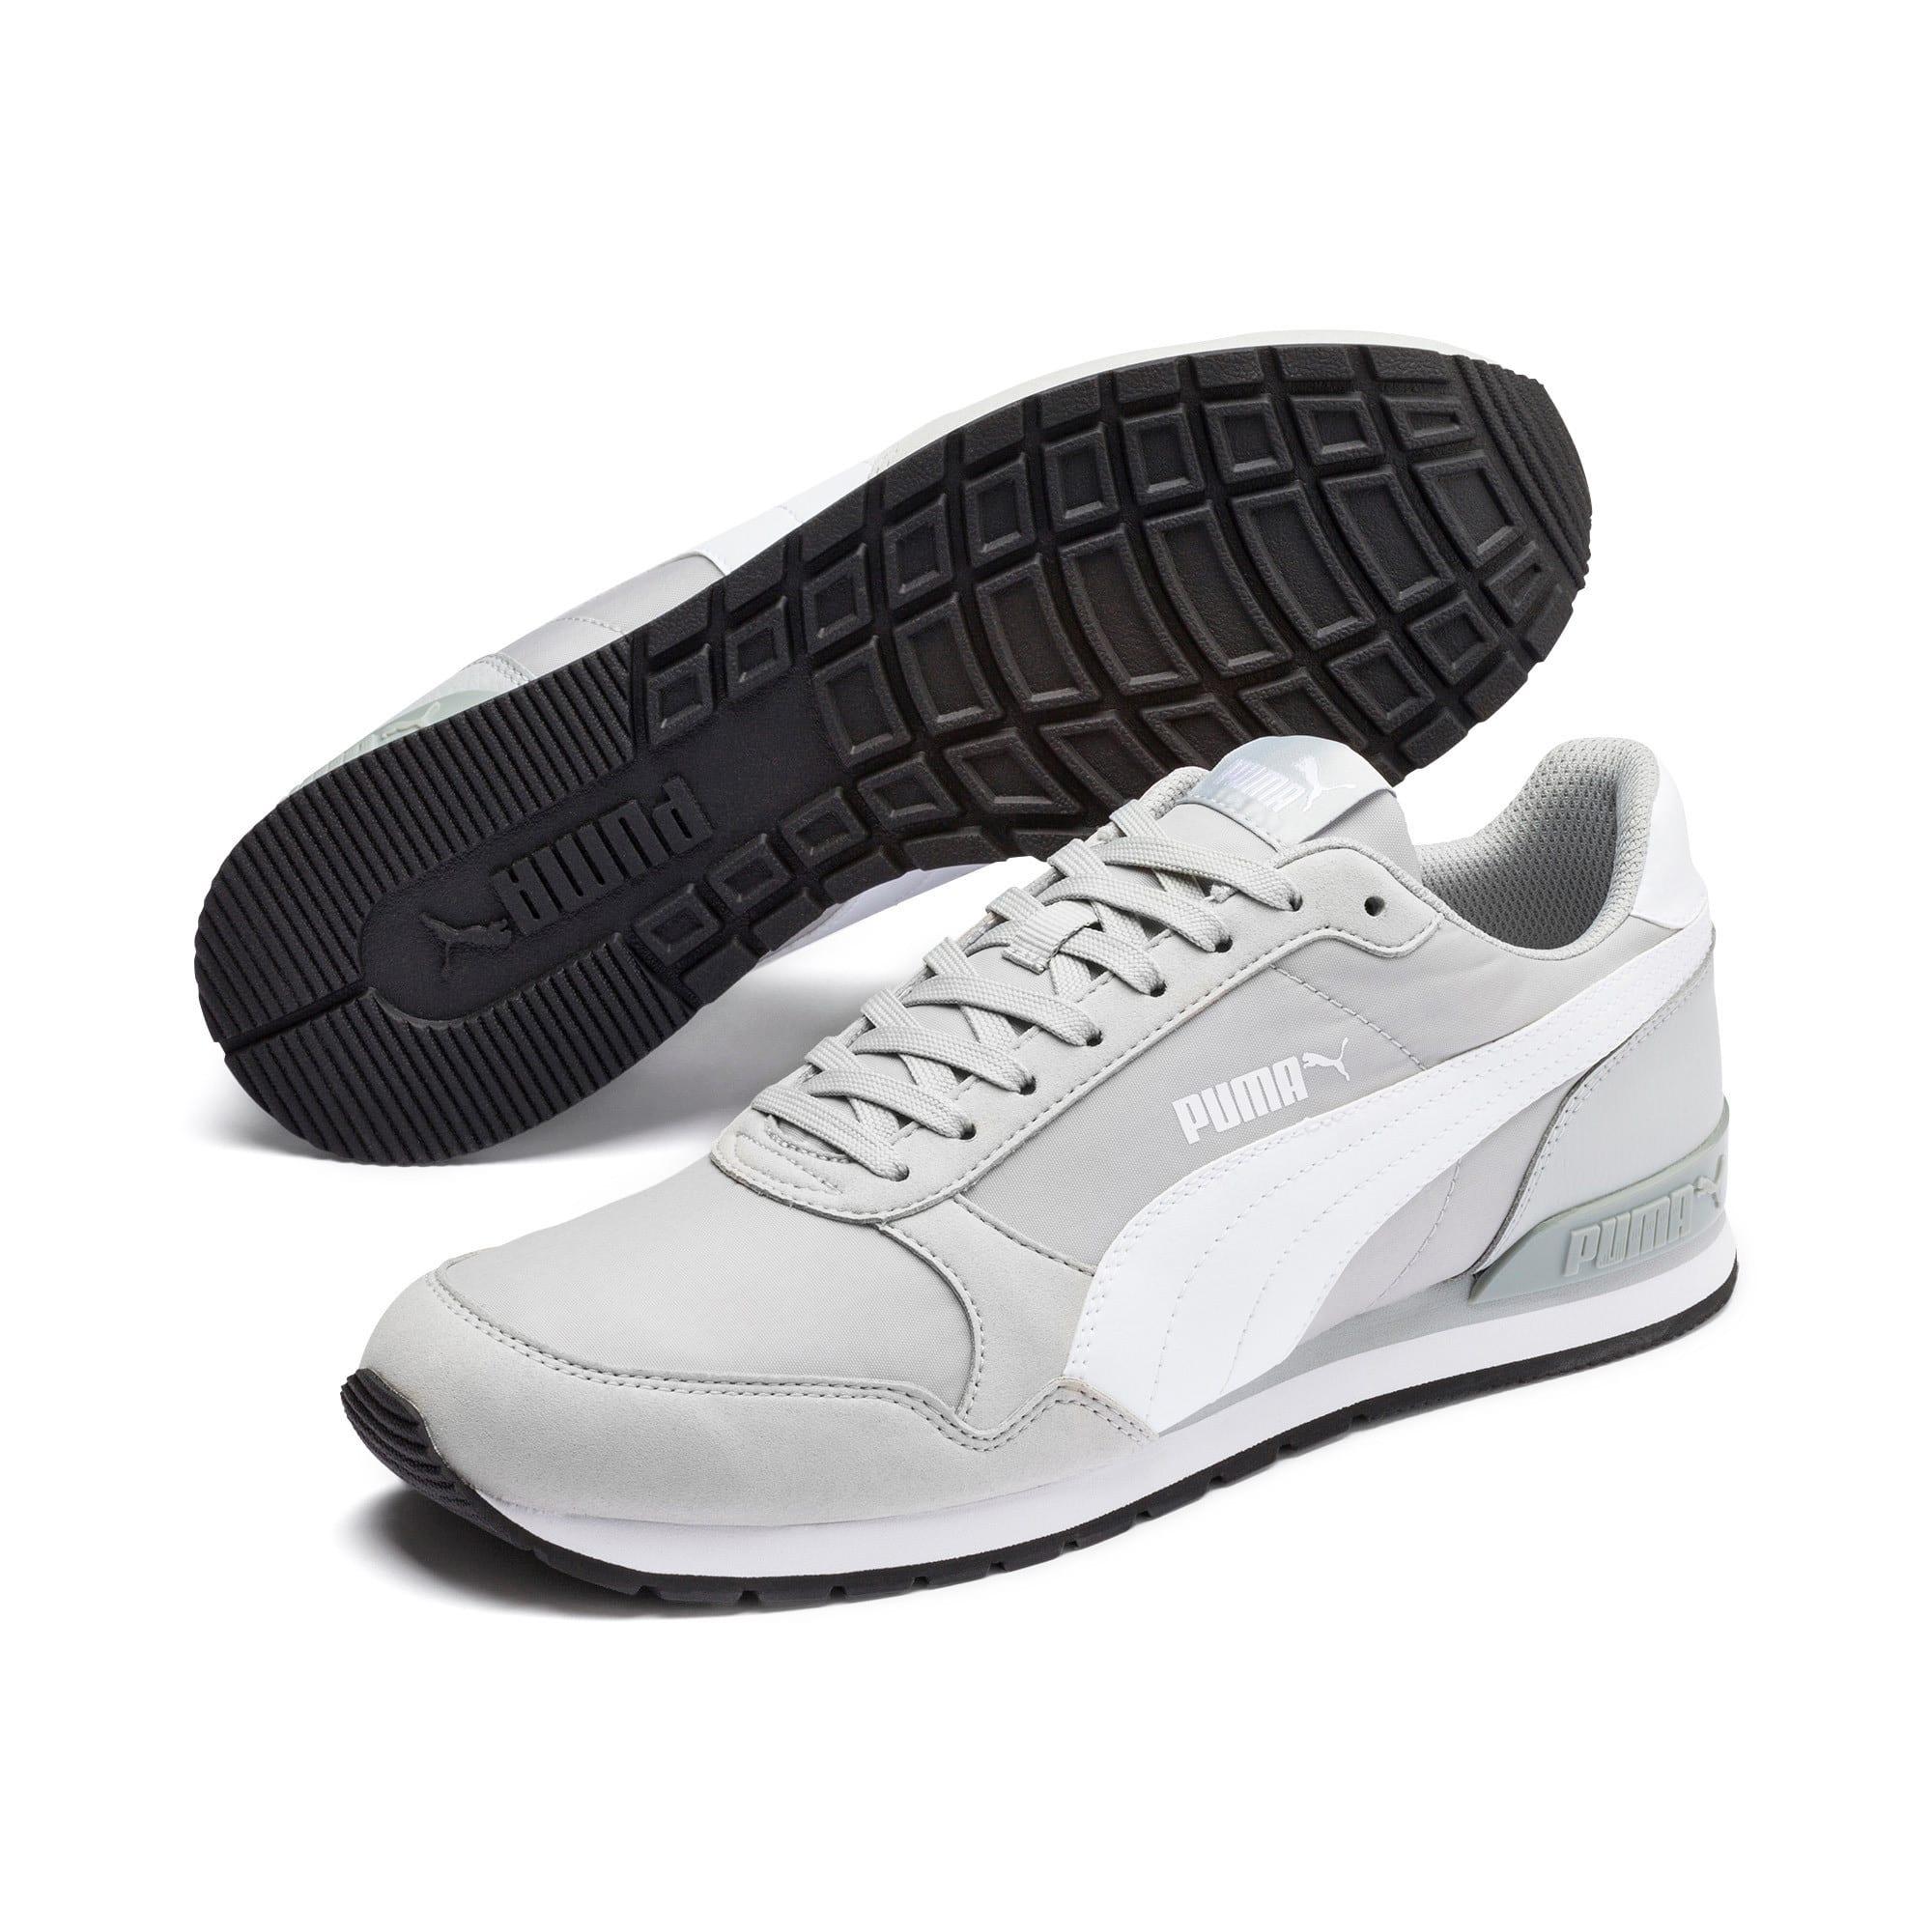 Thumbnail 2 of ST Runner v2 Sneakers, High Rise-Puma White, medium